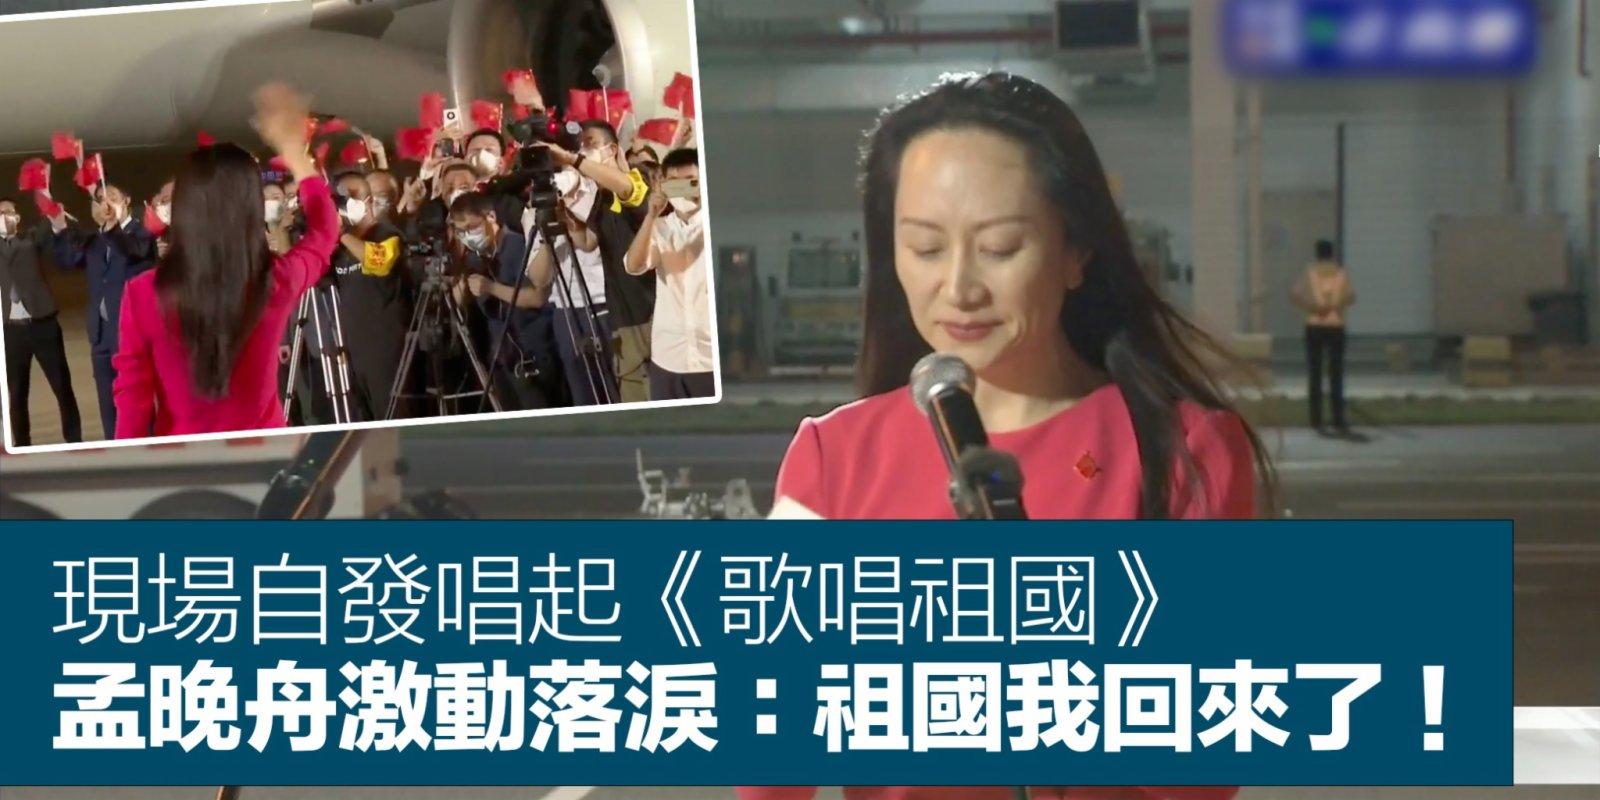 孟晚舟哽咽:祖國,我回來了!歡迎人群自發齊唱《歌唱祖國》(附機場感言完整視頻)